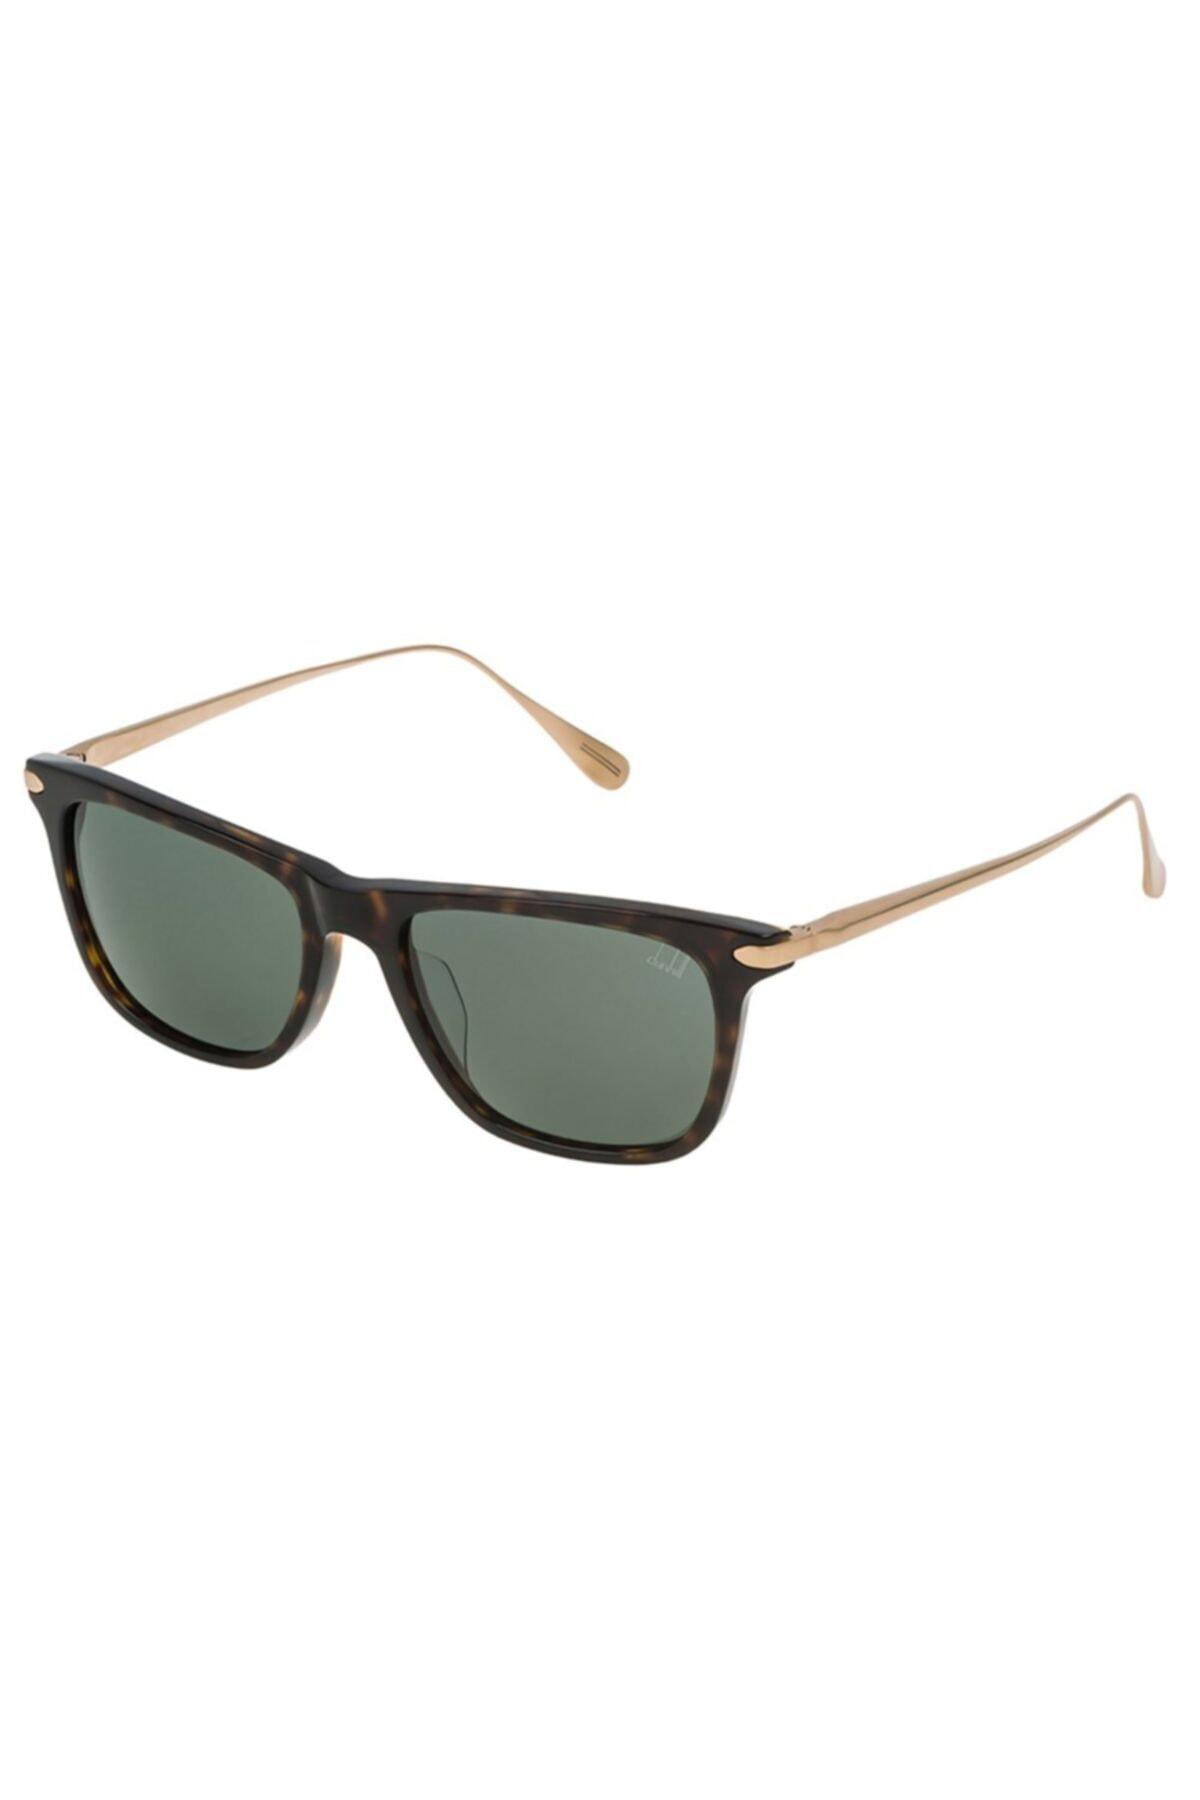 خرید عینک آفتابی مردانه ترک جدید برند Dunhill رنگ قهوه ای کد ty67943522